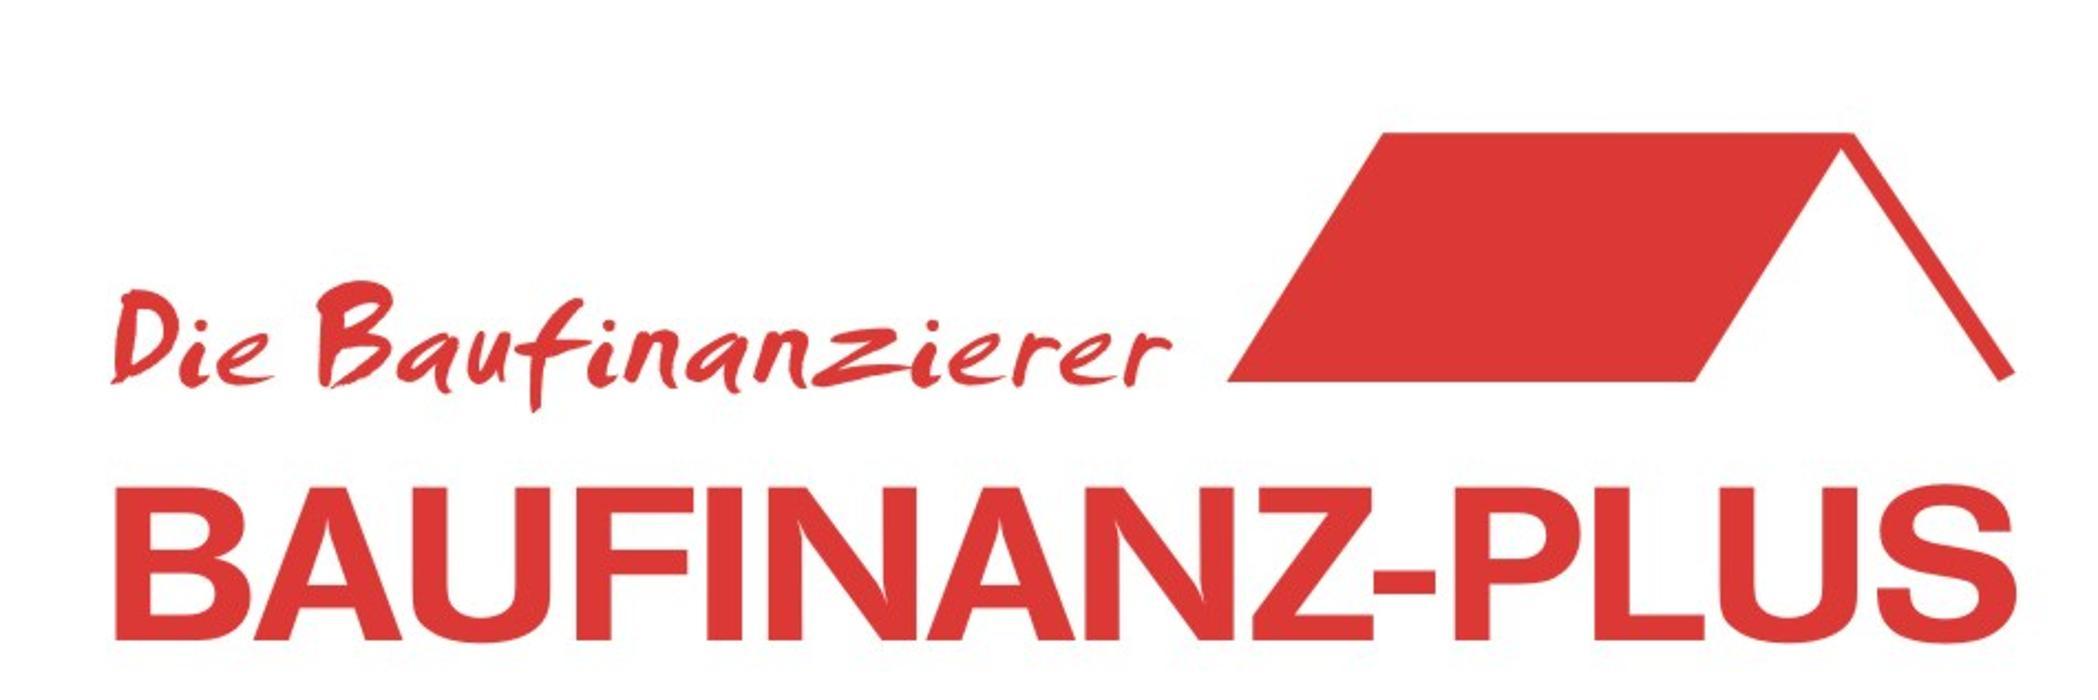 Bild zu Baufinanz-Plus GmbH & Co. KG in Düsseldorf